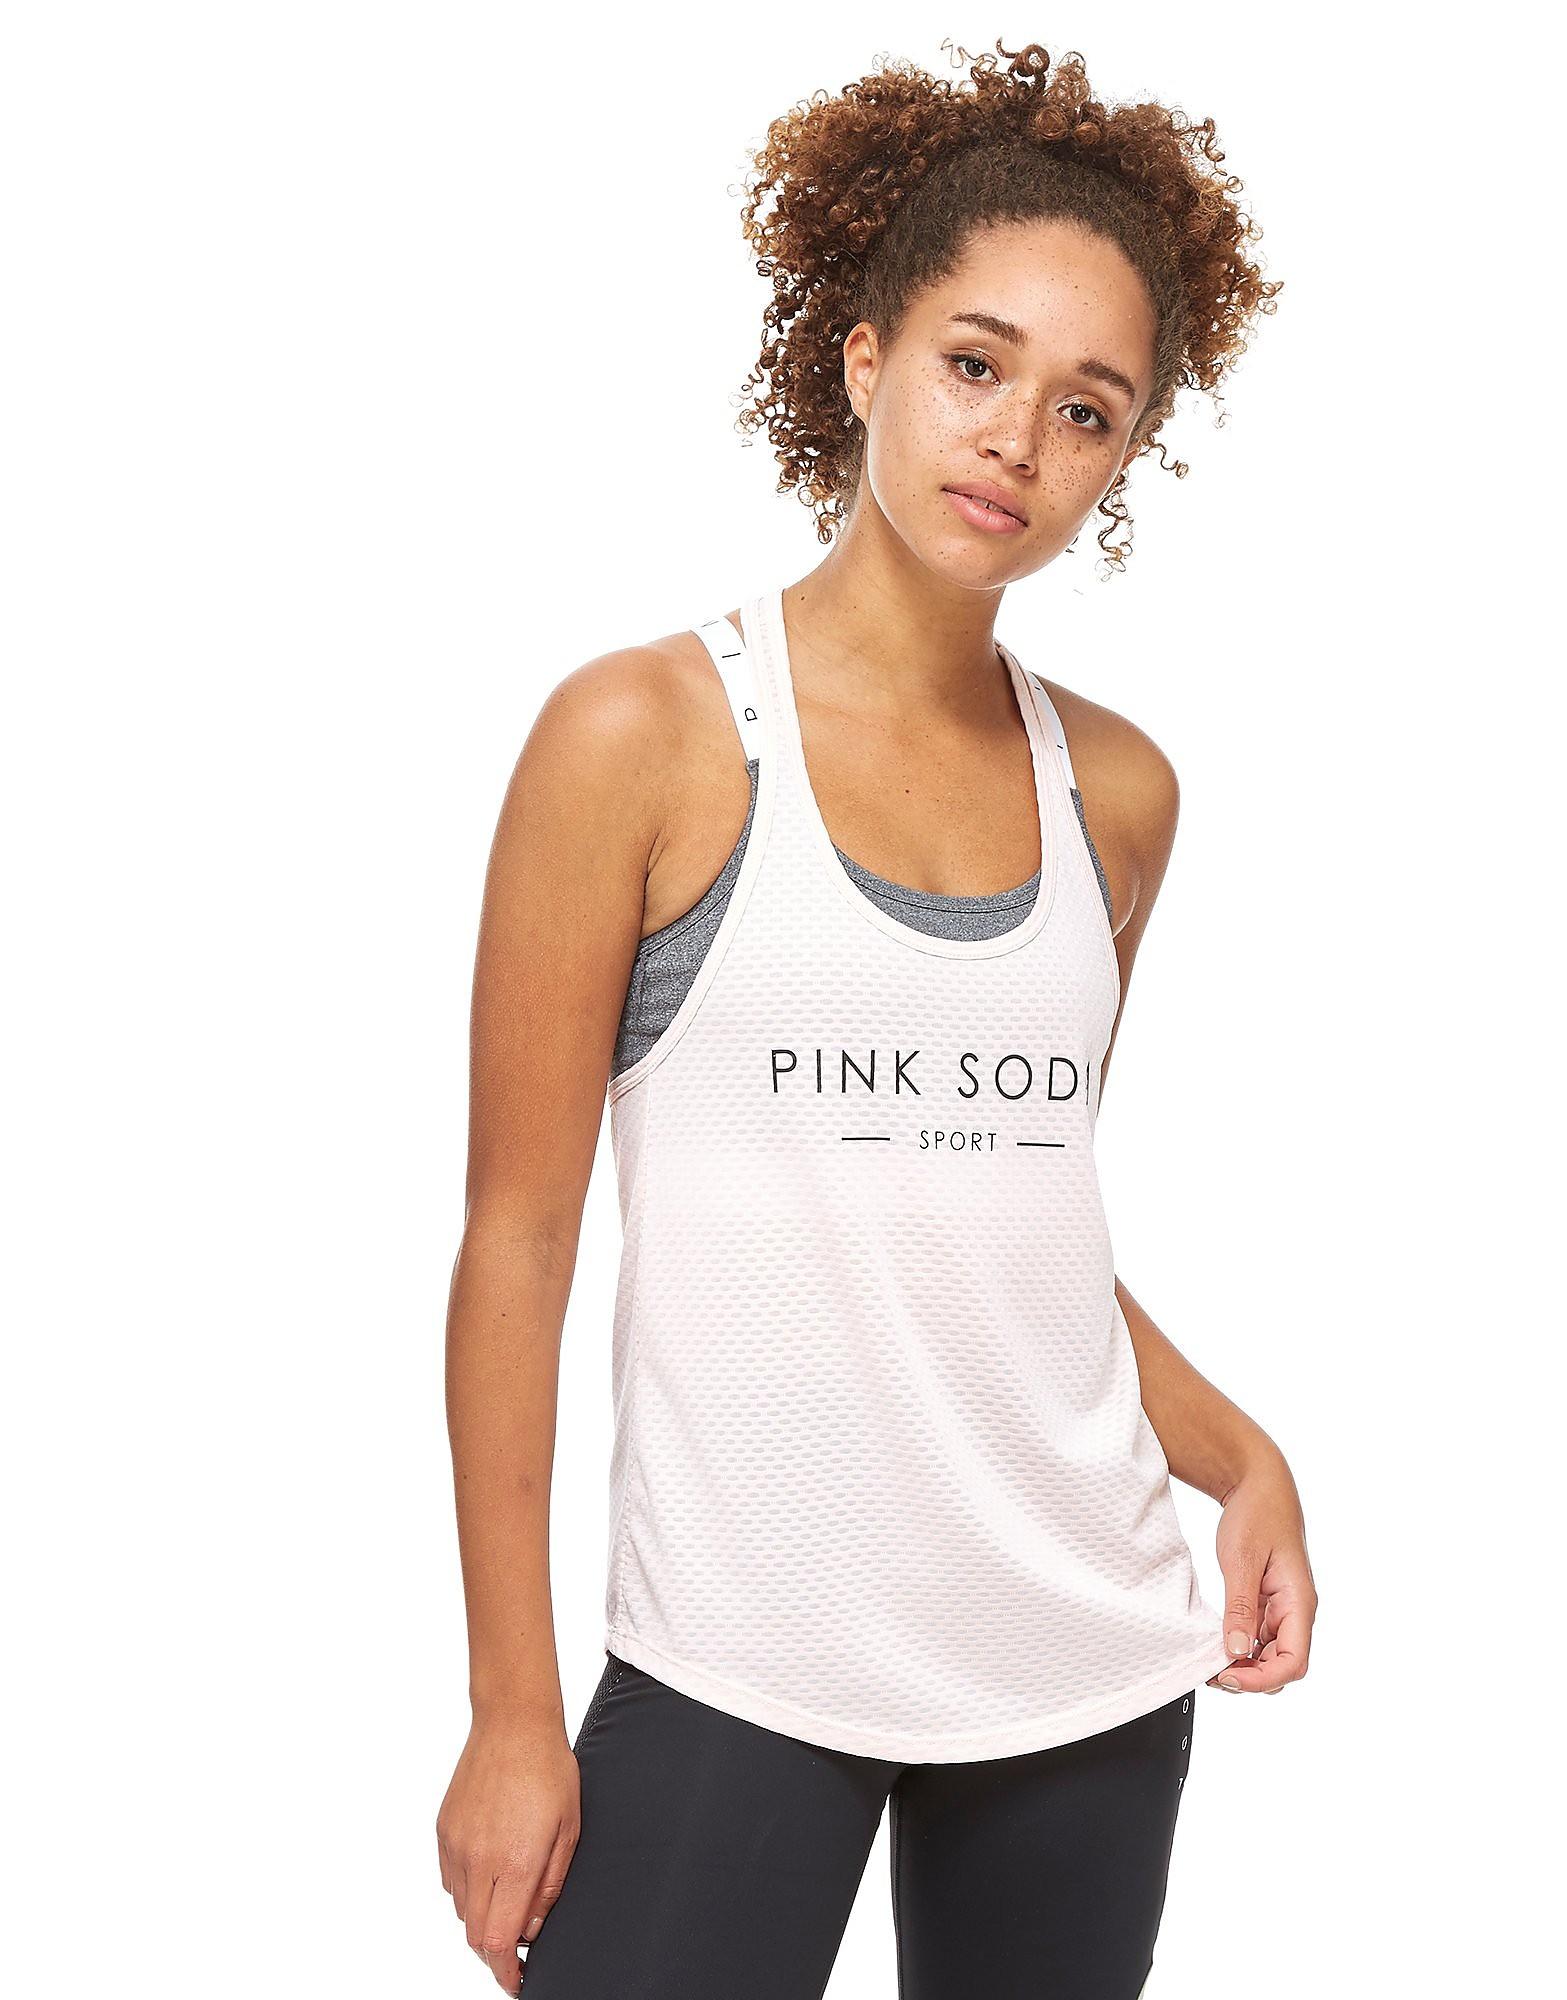 Pink Soda Sport Cross Strap 2-In-1 Vest